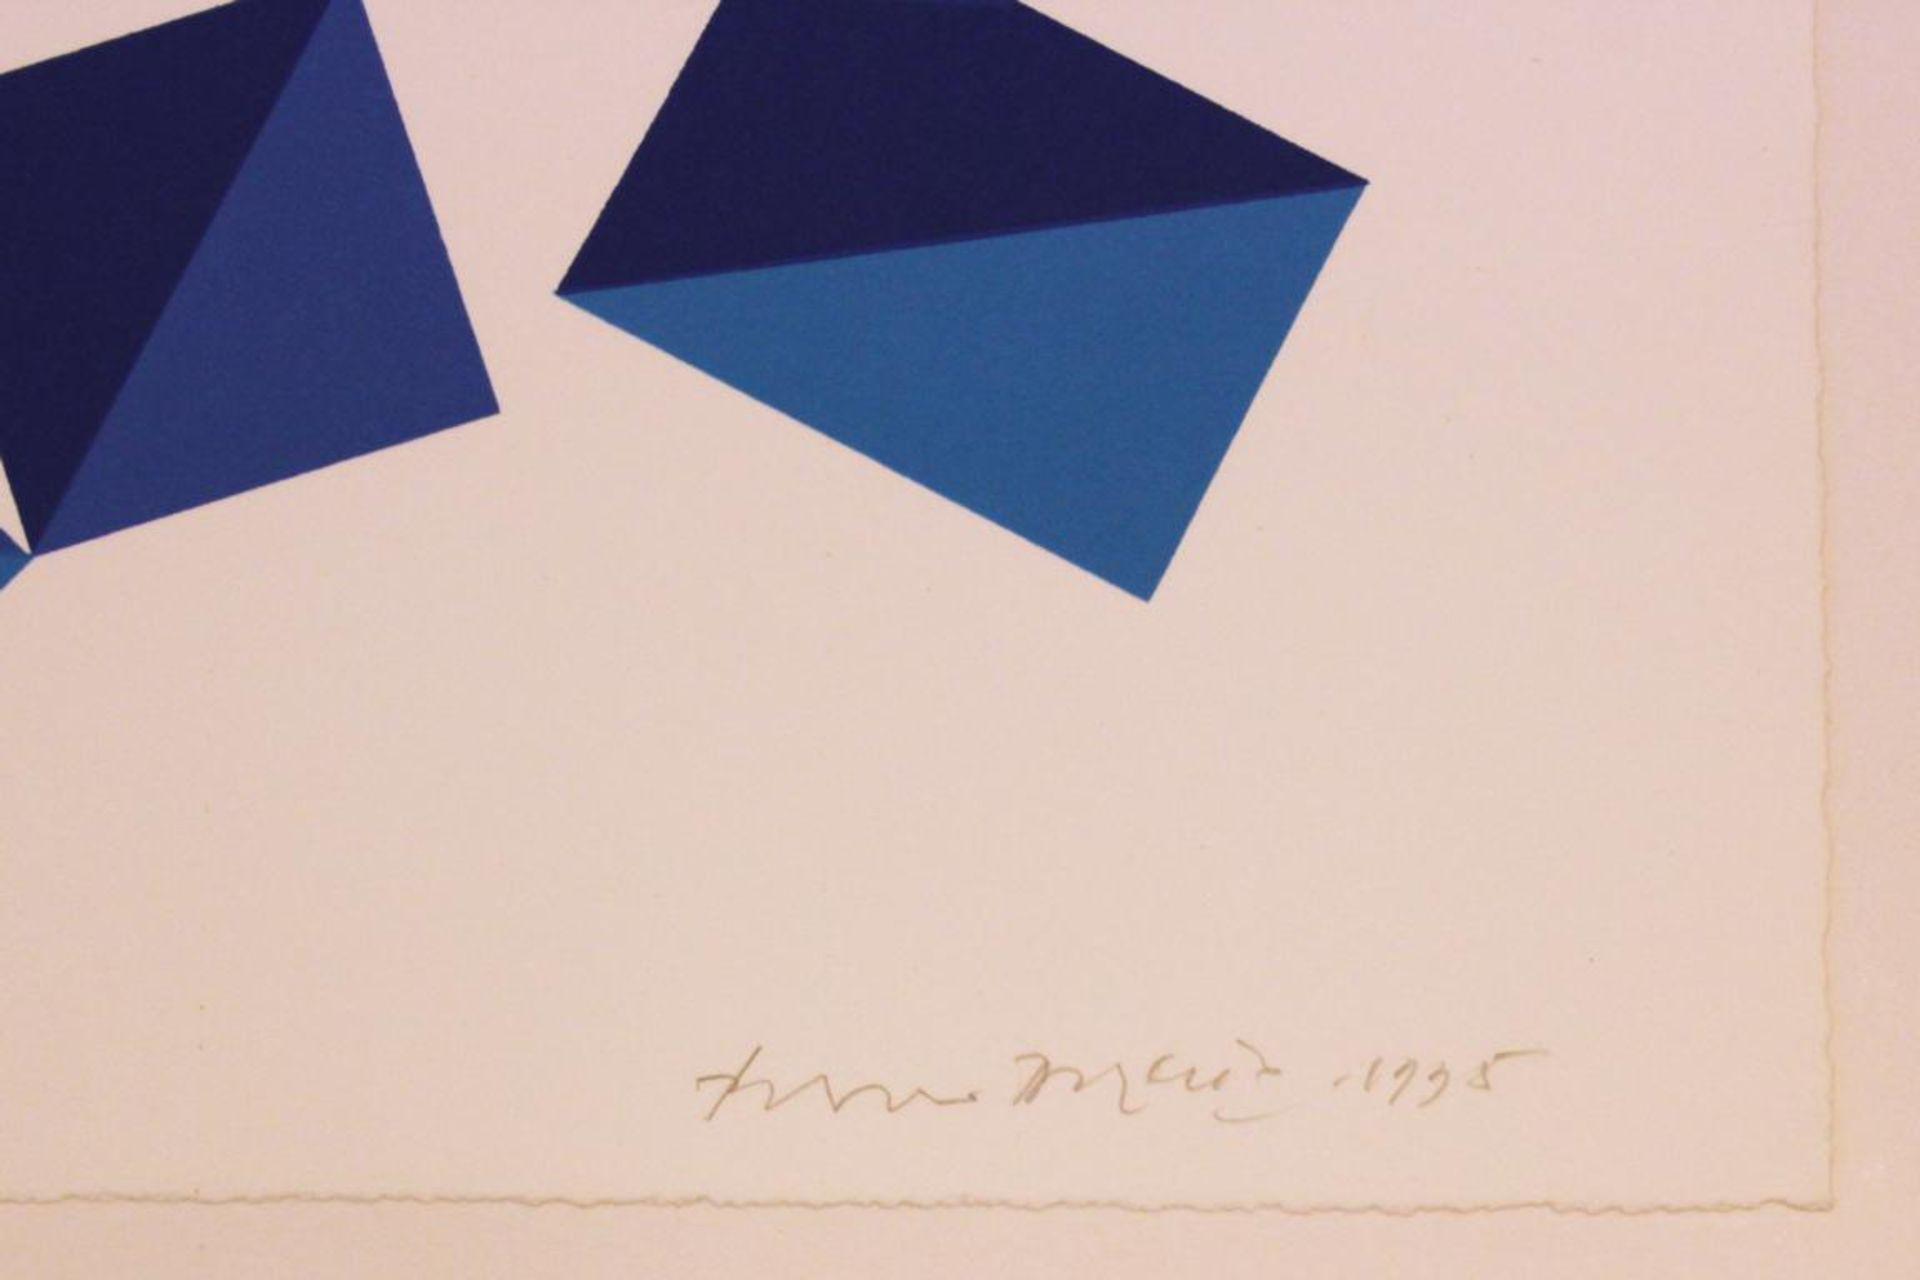 Los 3 - Doratio Piero (1927-2005) Ohne Titel 1995 Lithographie handsigniert, datiert und nummerieret 111/150